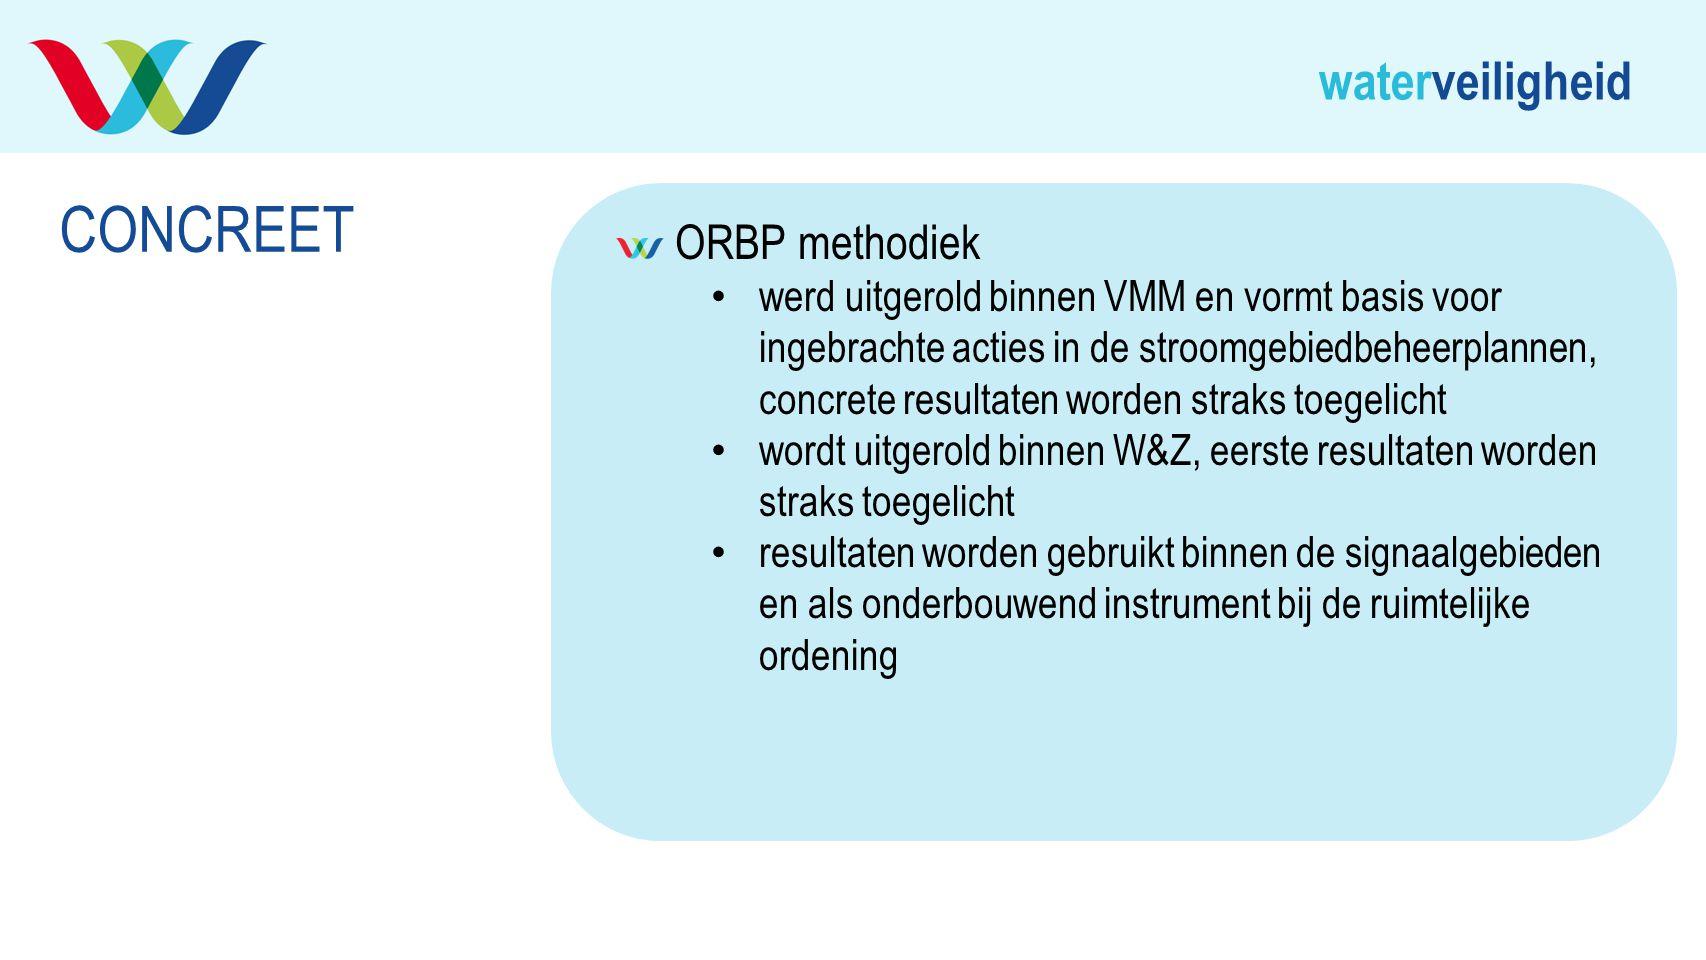 waterveiligheid ORBP methodiek werd uitgerold binnen VMM en vormt basis voor ingebrachte acties in de stroomgebiedbeheerplannen, concrete resultaten w